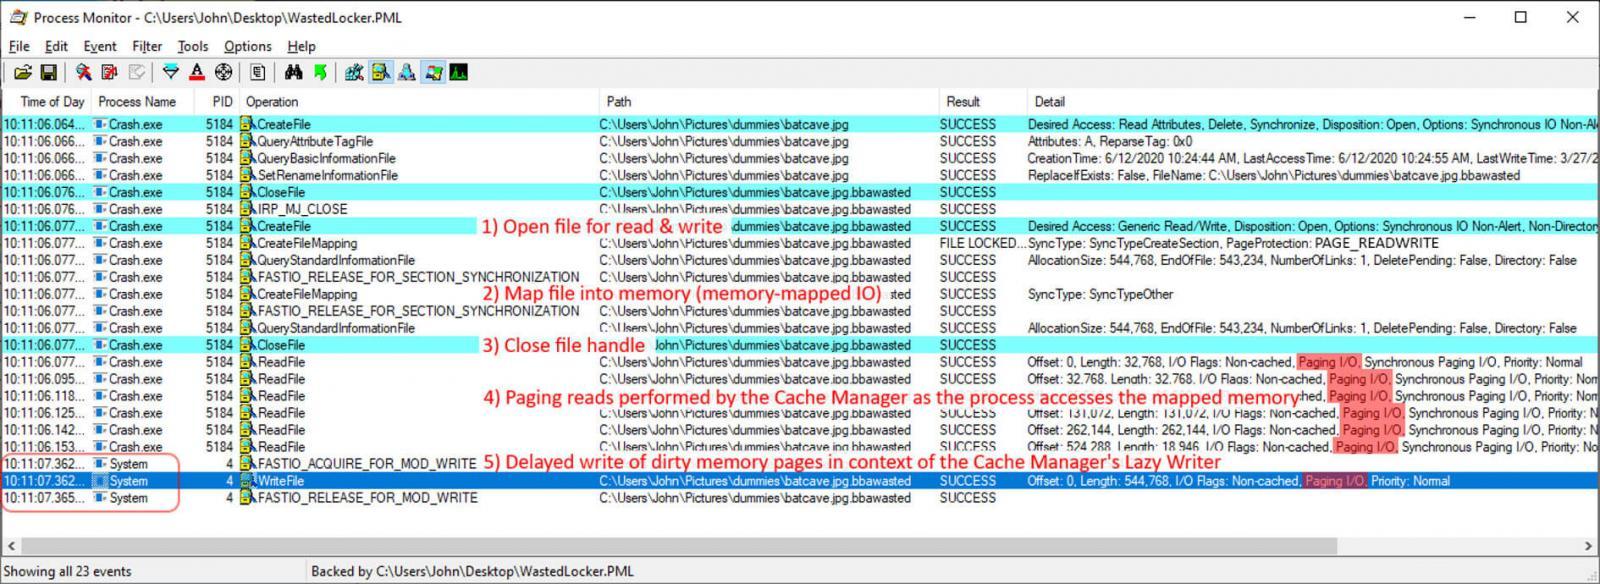 Los archivos se cifran con una cuenta del sistema de Windows